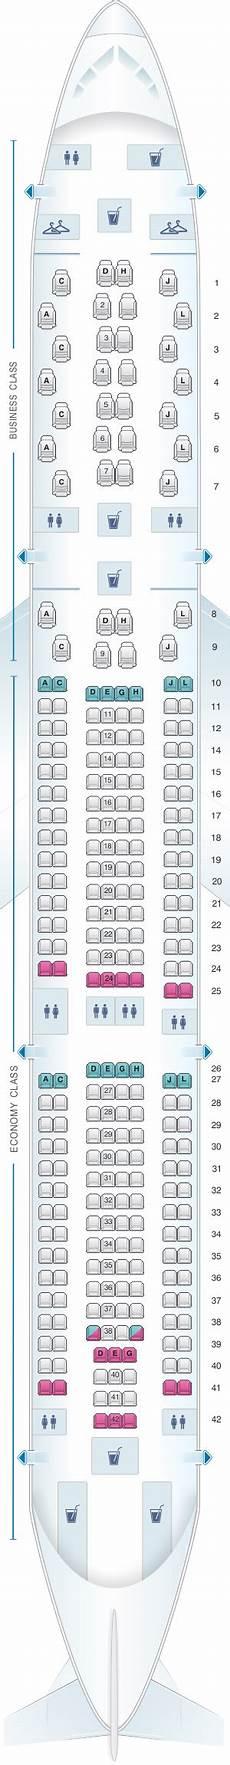 Iberia 2622 Seating Chart Seat Map Iberia Airbus A330 300 Iberia